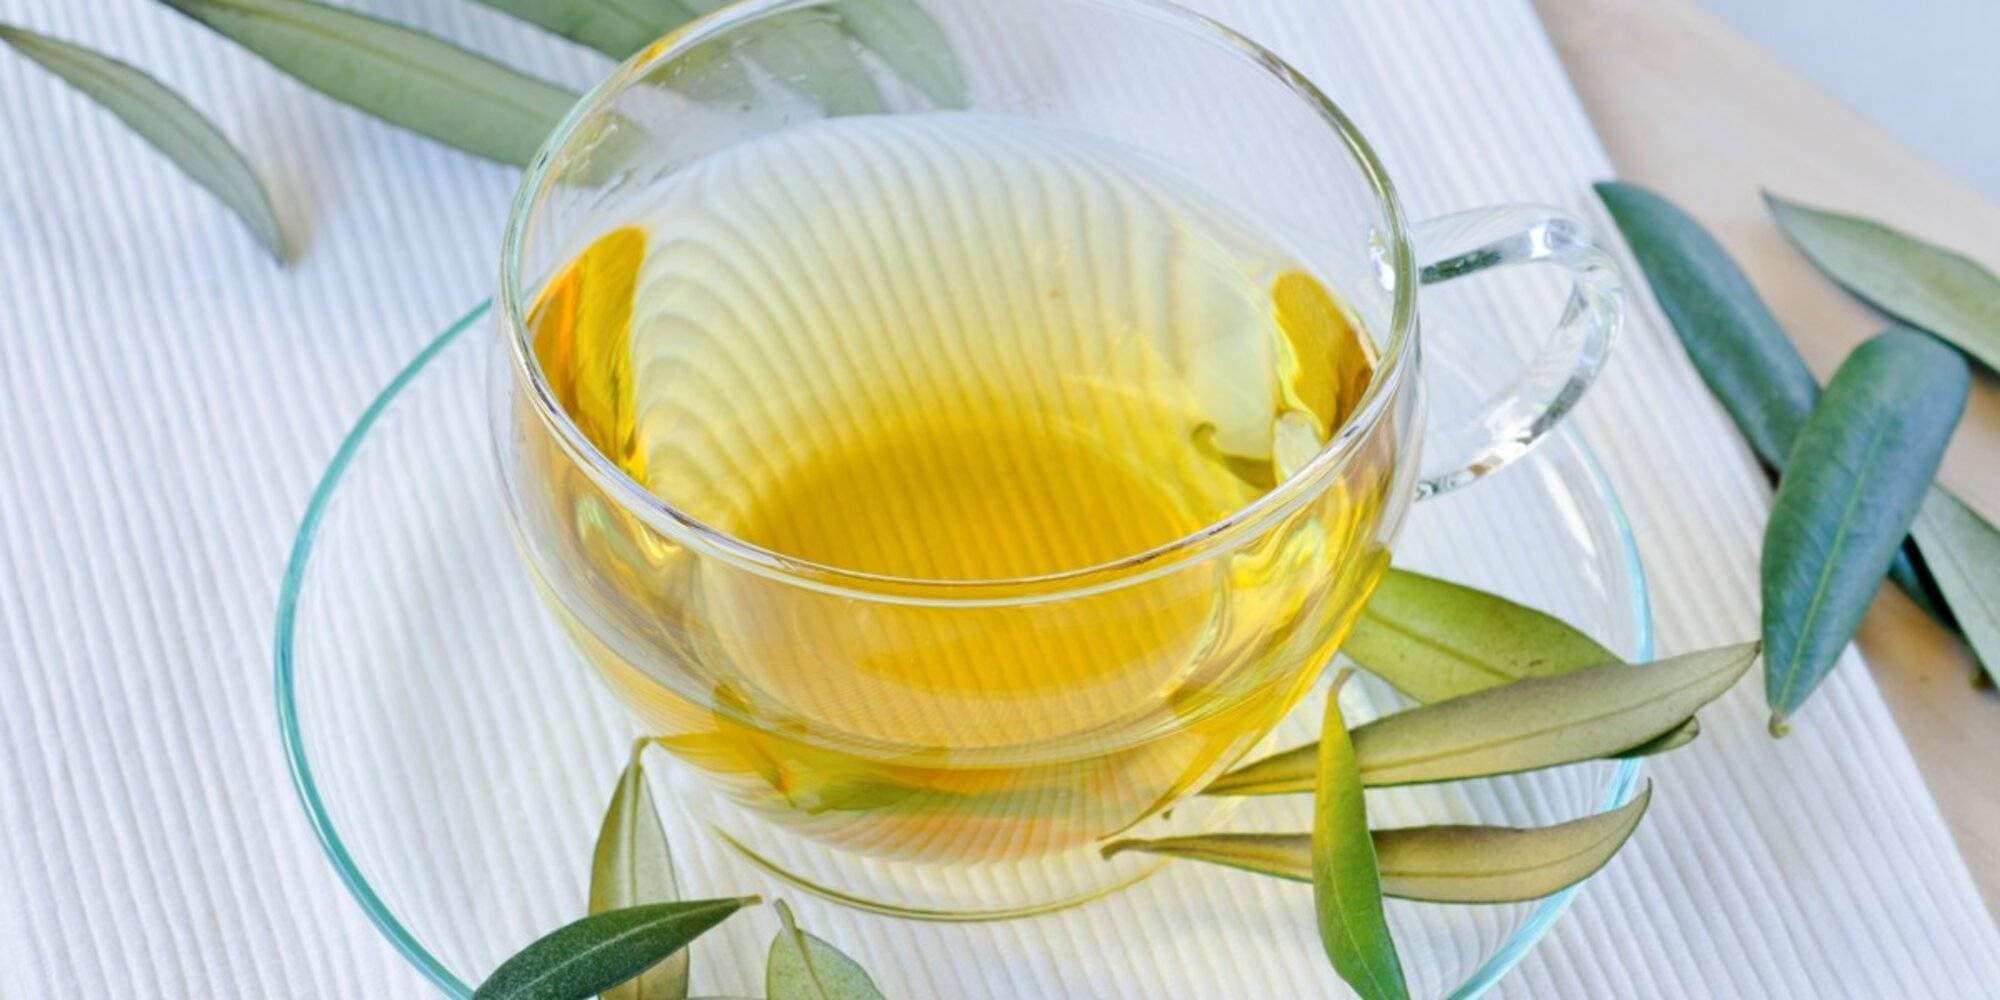 Липовый чай: польза и вред, особенности, сбор и заваривание